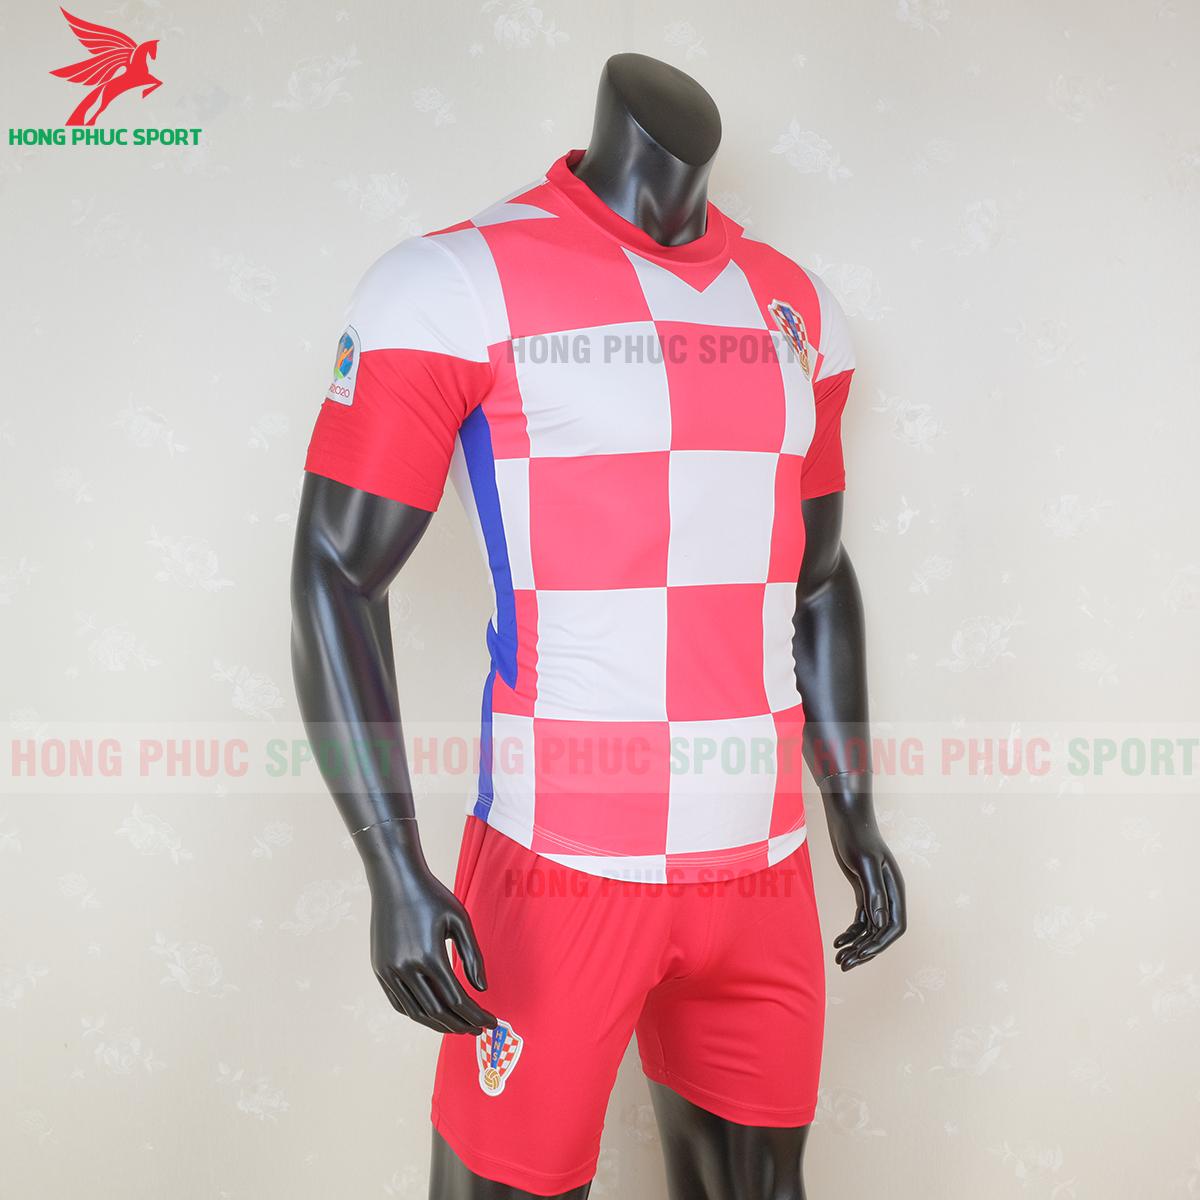 https://cdn.hongphucsport.com/unsafe/s4.shopbay.vn/files/285/ao-bong-da-tuyen-croatia-2020-san-nha-1-5f7149404a675.png